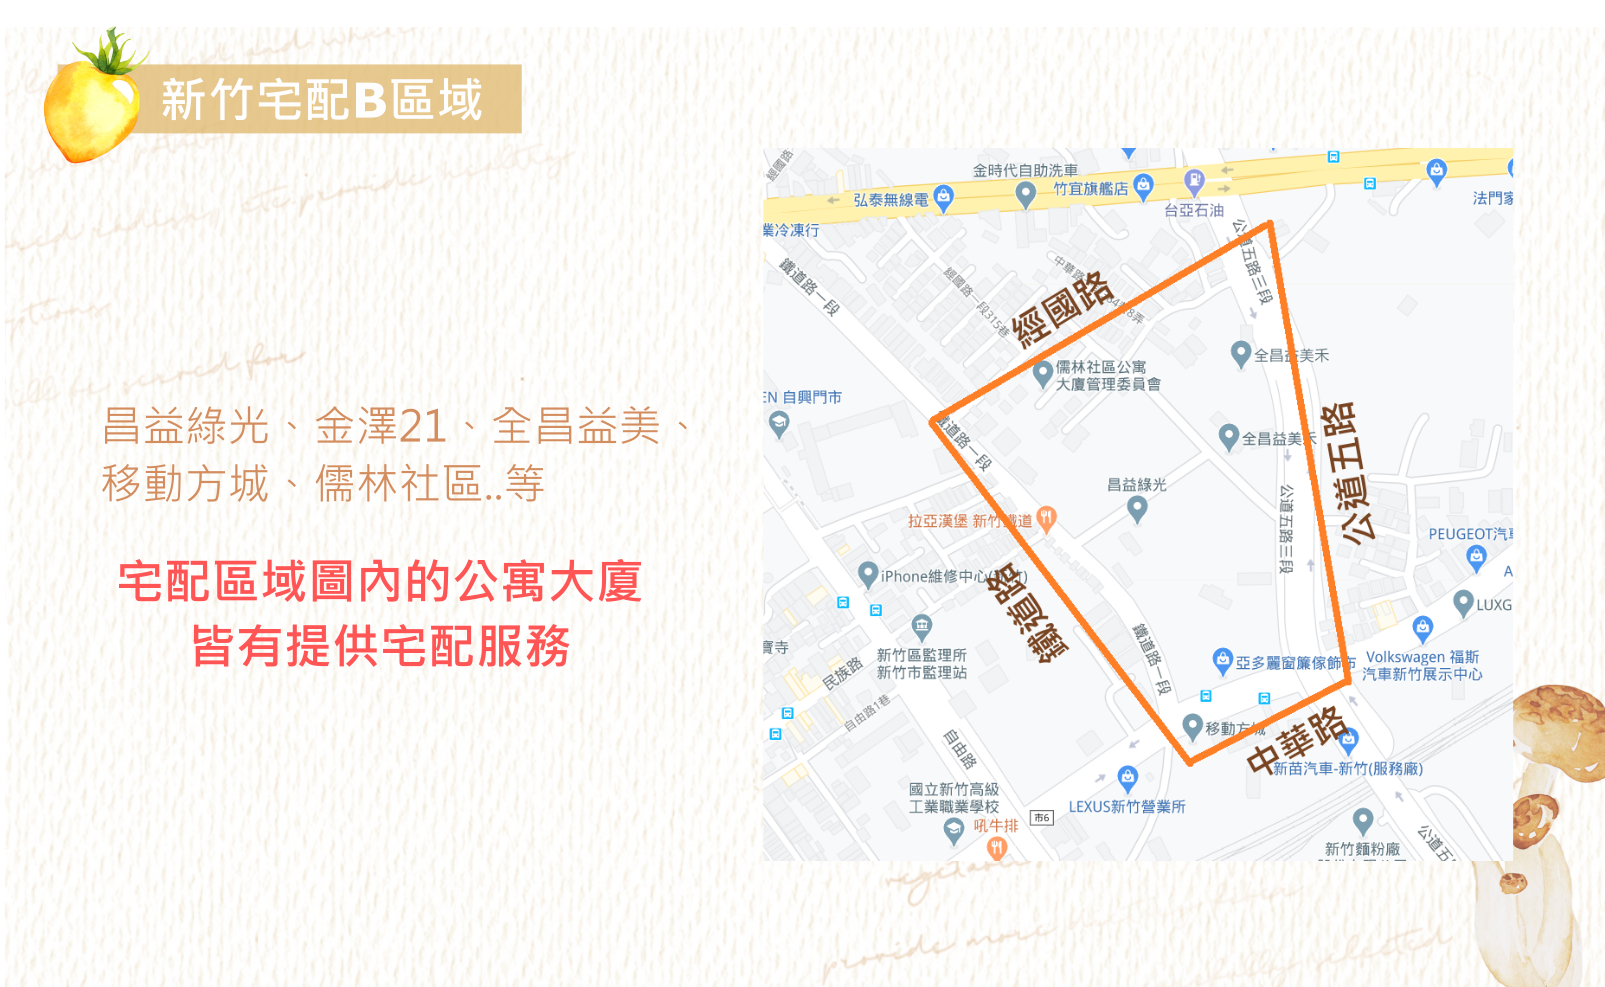 新竹市B完成_外送區域_20200226.png